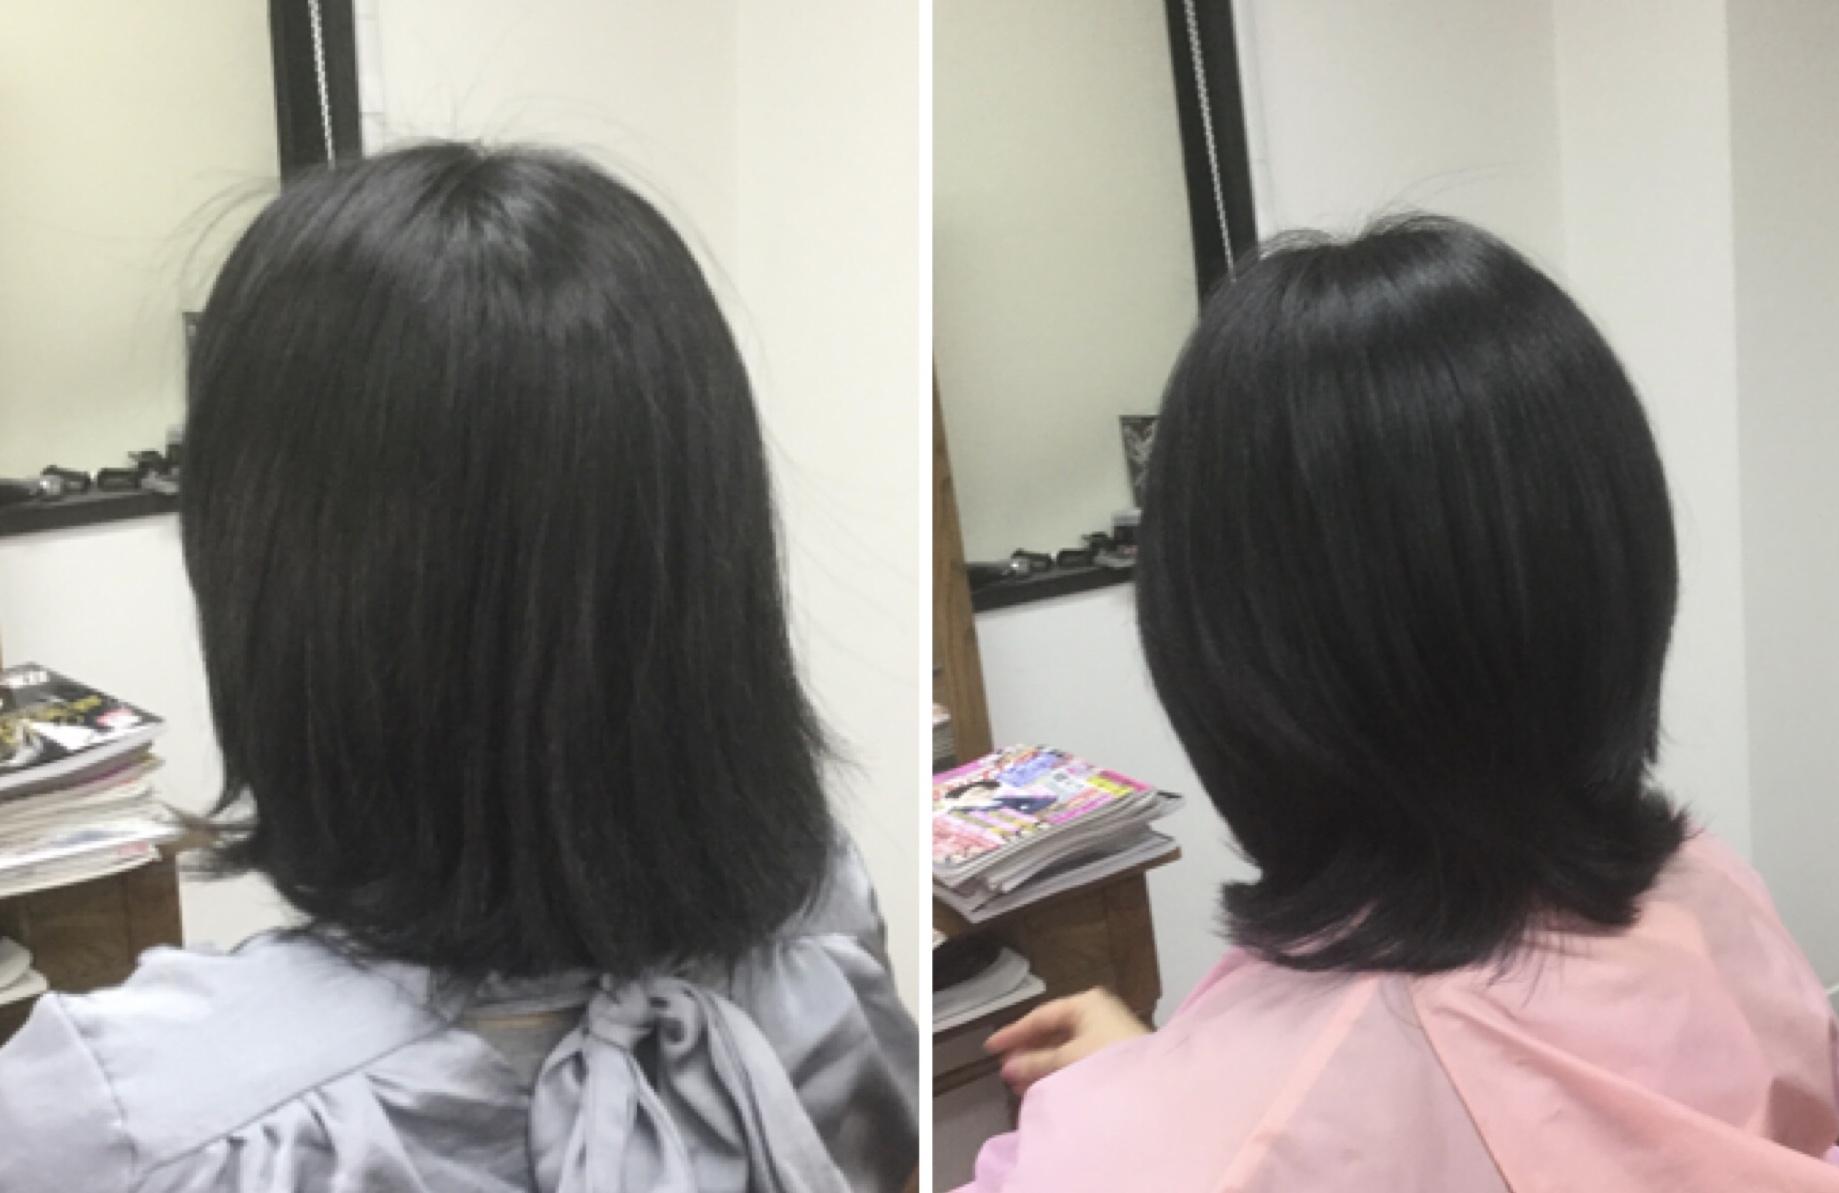 太い多毛ならスキハサミで梳きますか?梳かないですか?キュビズムカット®︎の神戸美容室アバディ